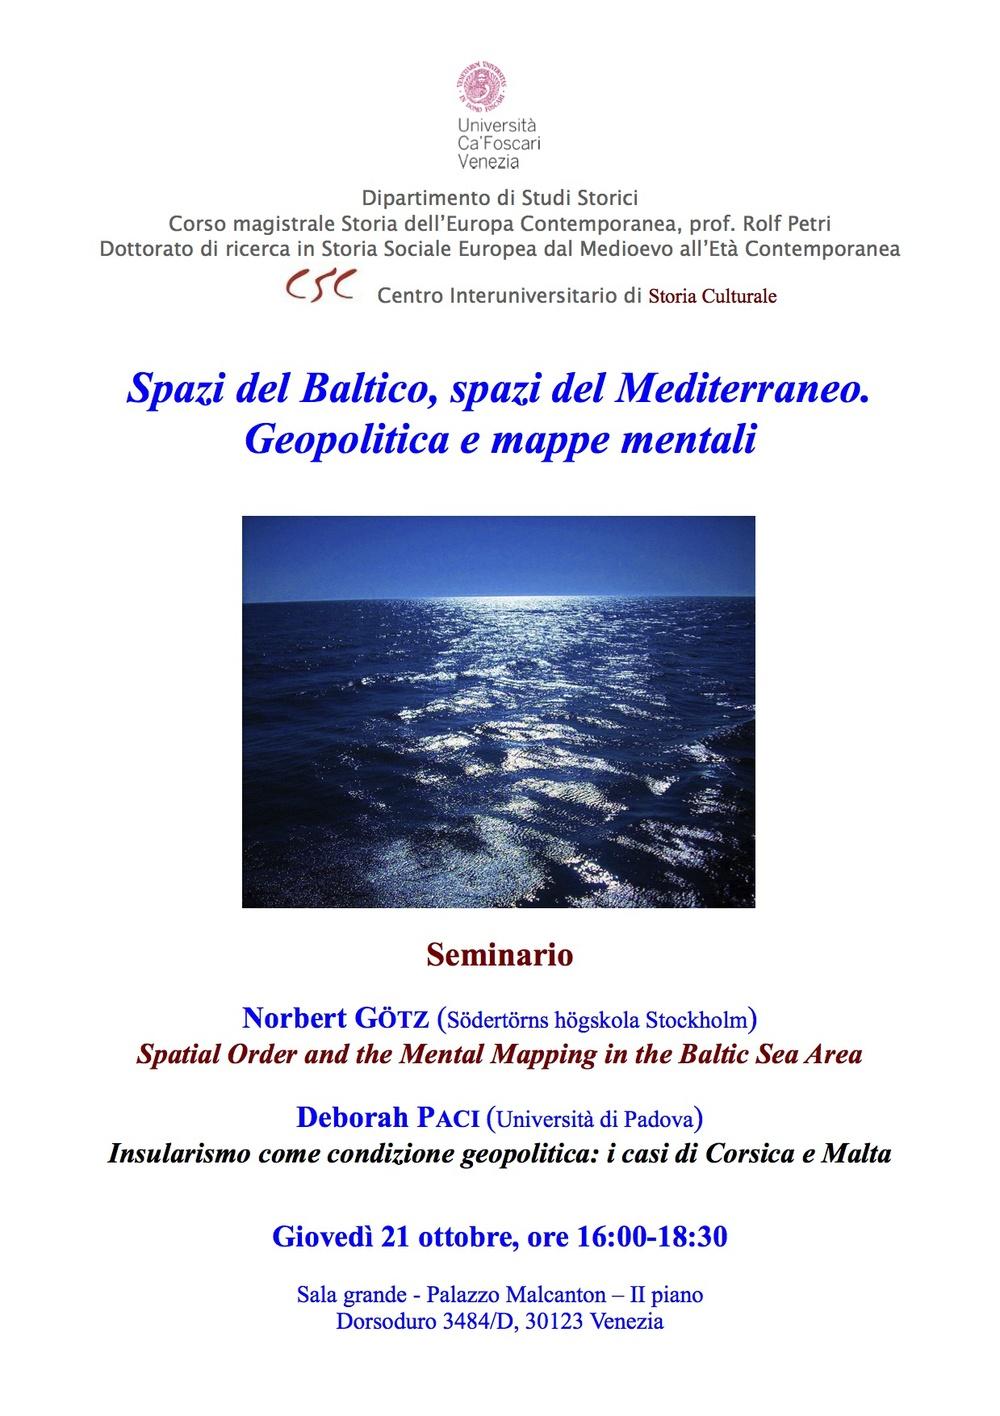 2009-10 (VE) Spazi del Baltico, spazi del Mediterraneo. Geopolitica e mappe mentali .jpg